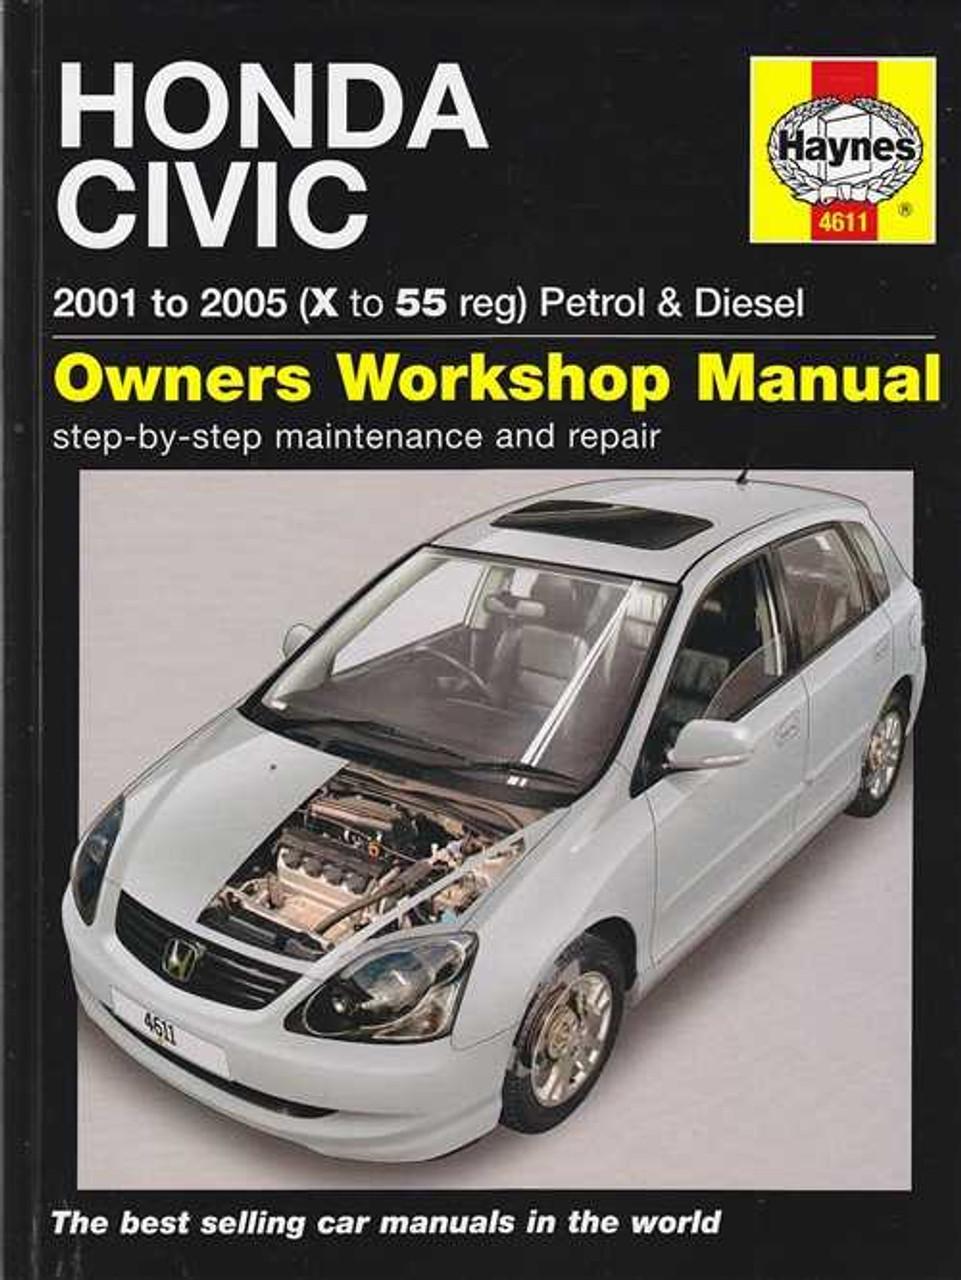 honda civic petrol and diesel 2001 2005 workshop manual rh automotobookshop com au 2002 Honda Civic LX 2002 Honda Civic LX